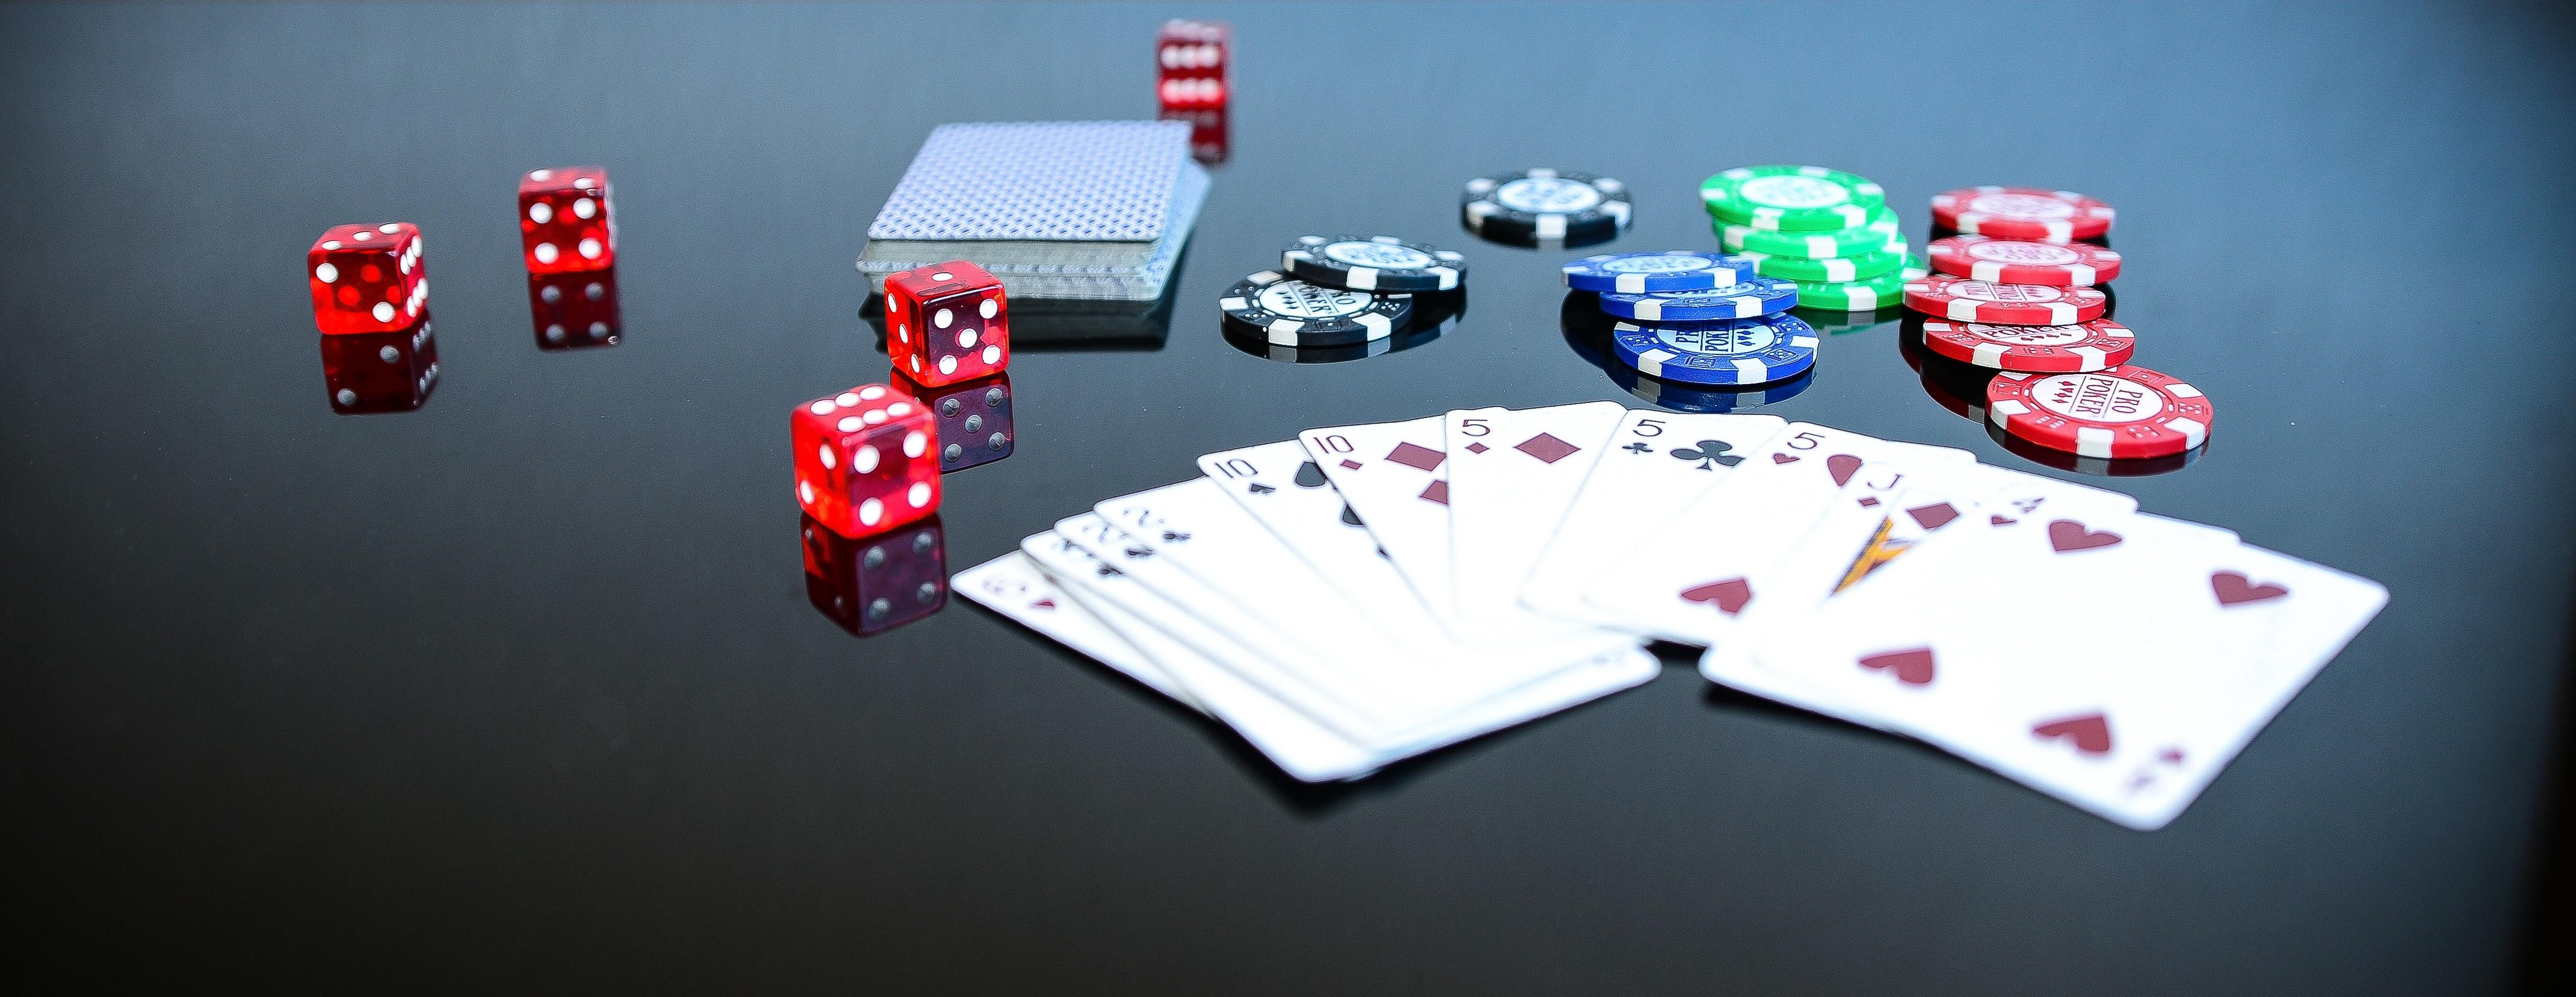 A gdyby tak zagrać w pracy w pokera?